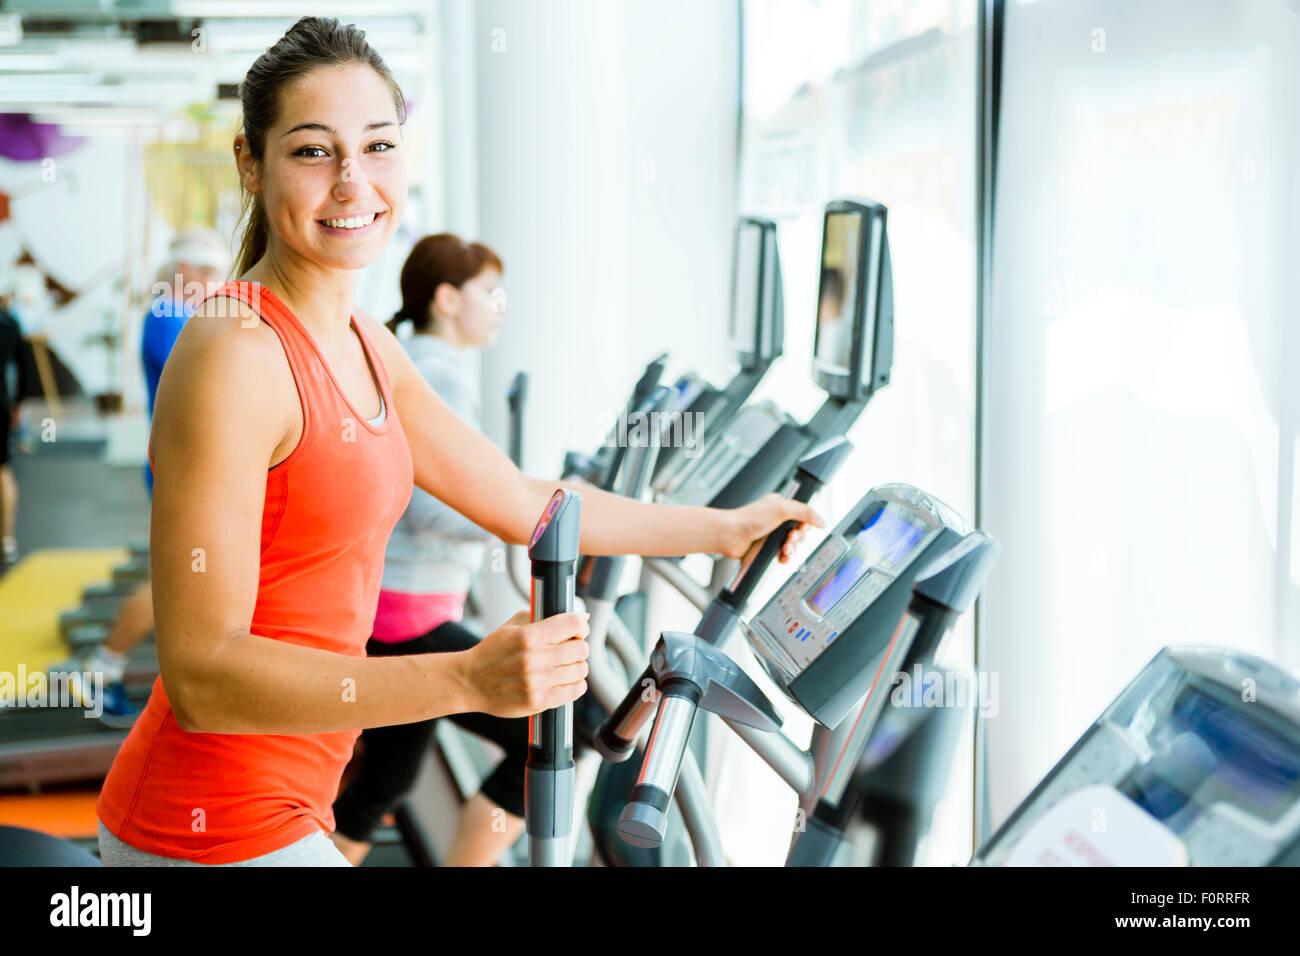 Colocar una mujer joven con un entrenador elíptico en un gimnasio y sonriente Imagen De Stock